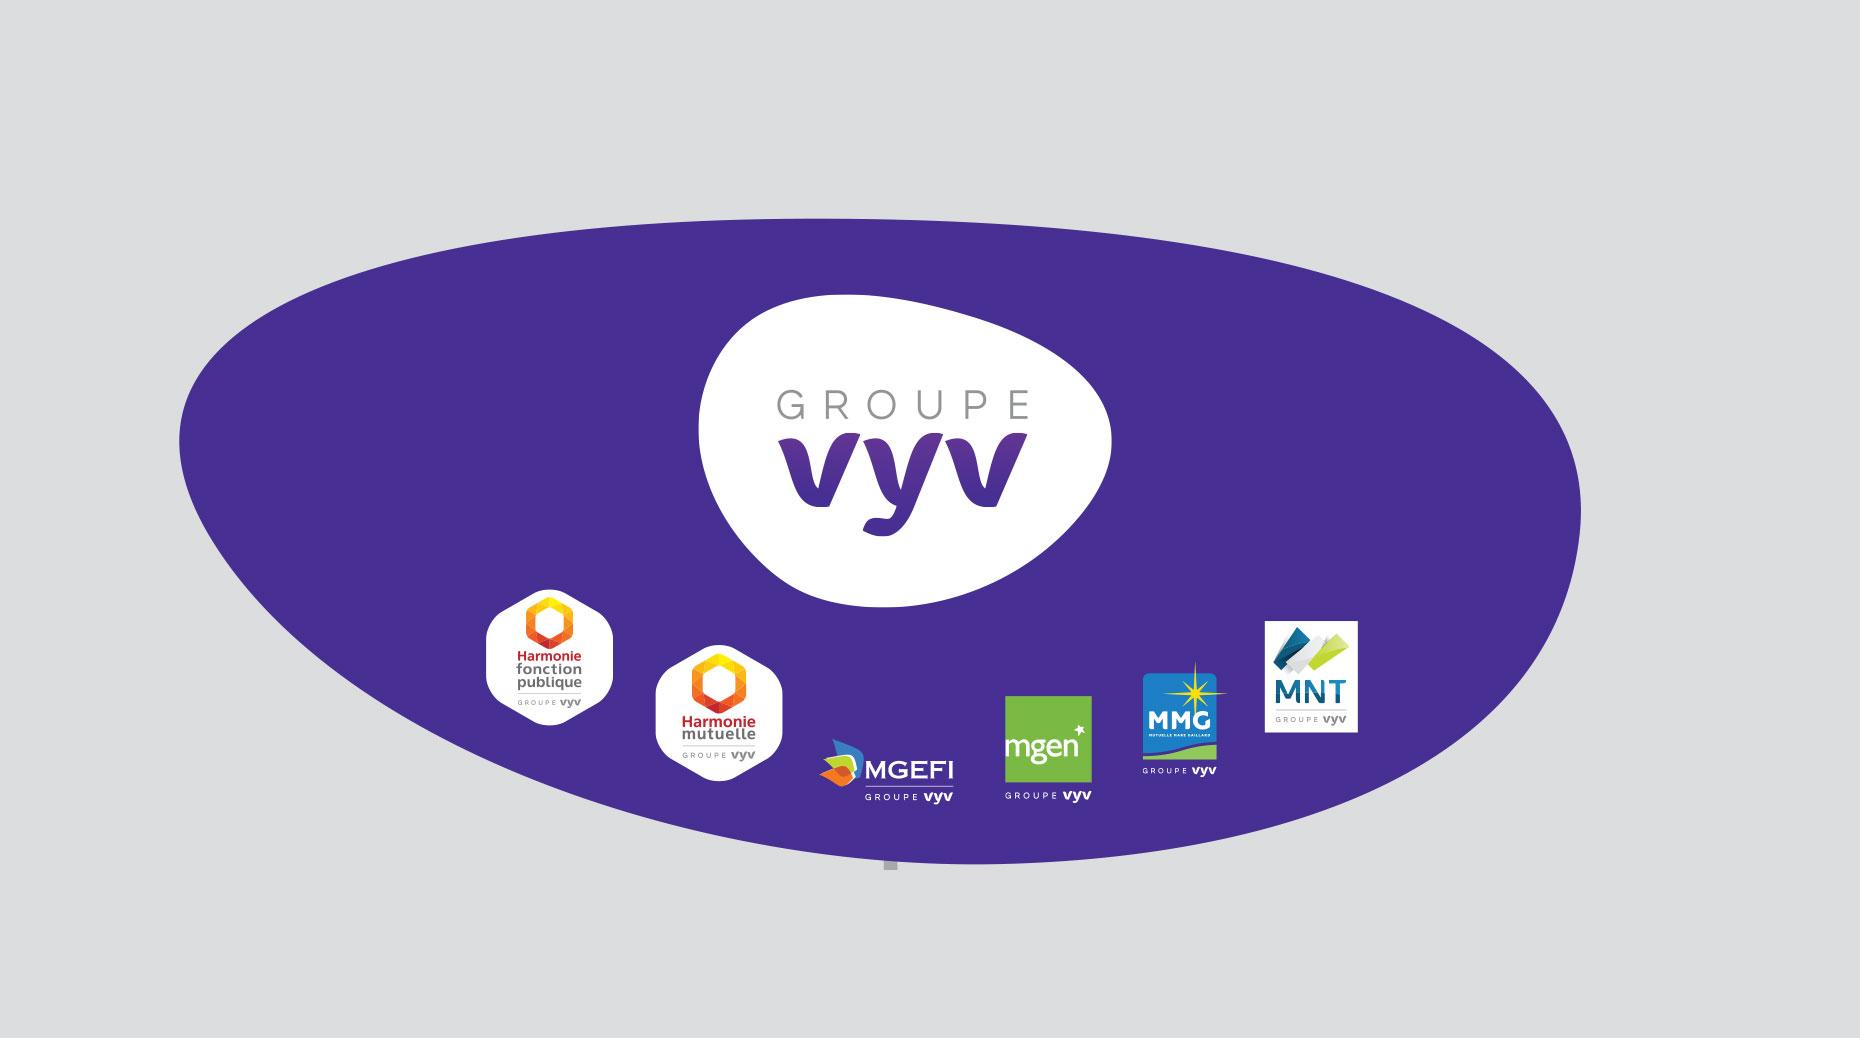 Résultat 2018 : Performances contrastées pour les mutuelles du groupe Vyv